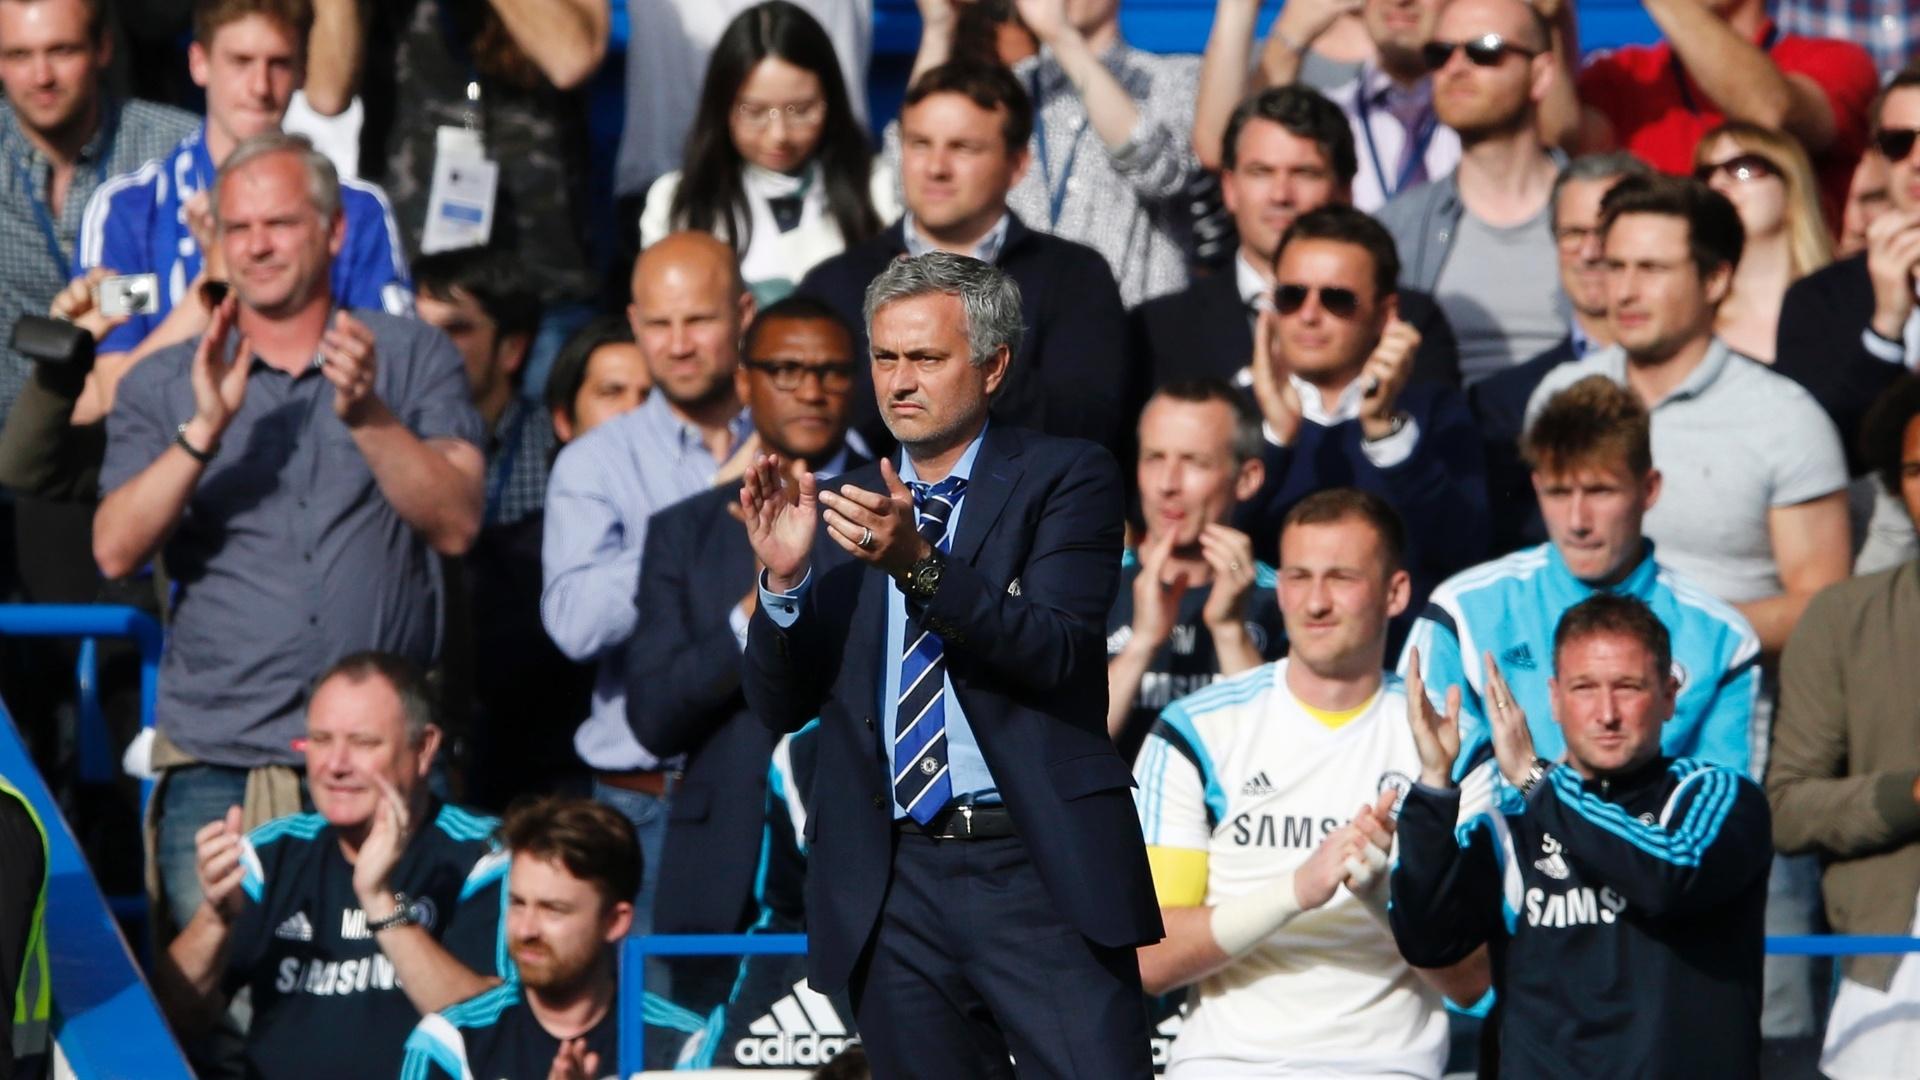 José Mourinho e torcedores do Chelsea aplaudem Gerrard após atleta deixar o campo